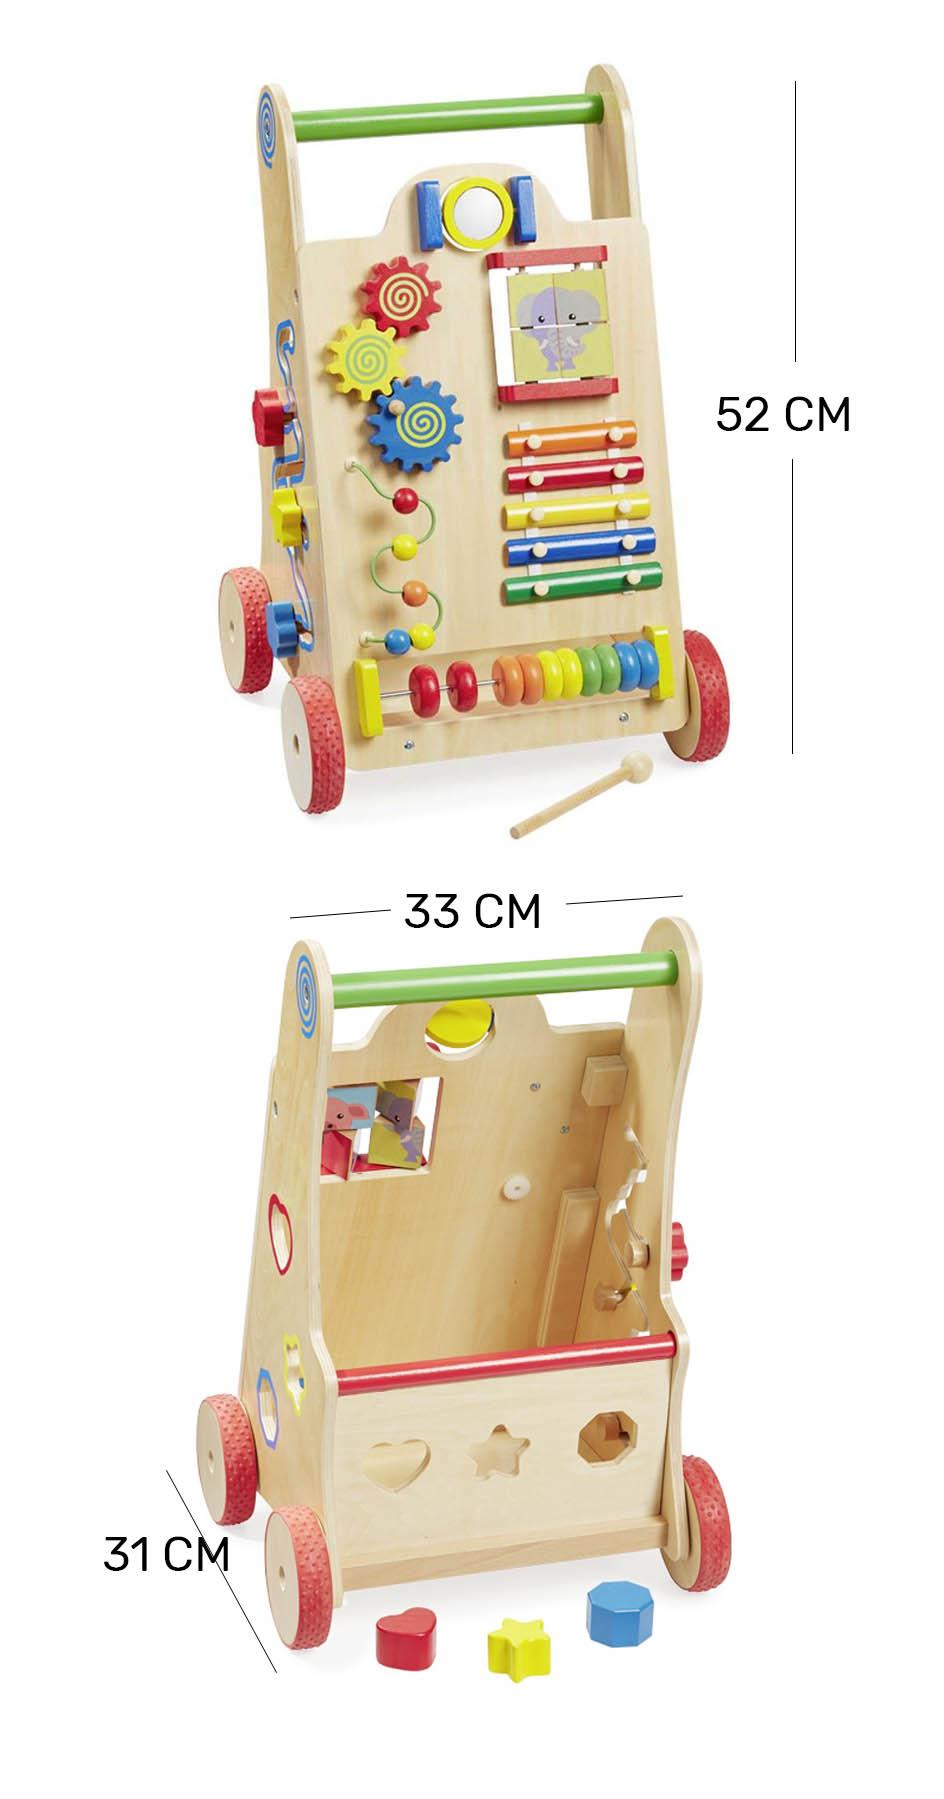 Caminador y andadera para bebé con juegos educativos